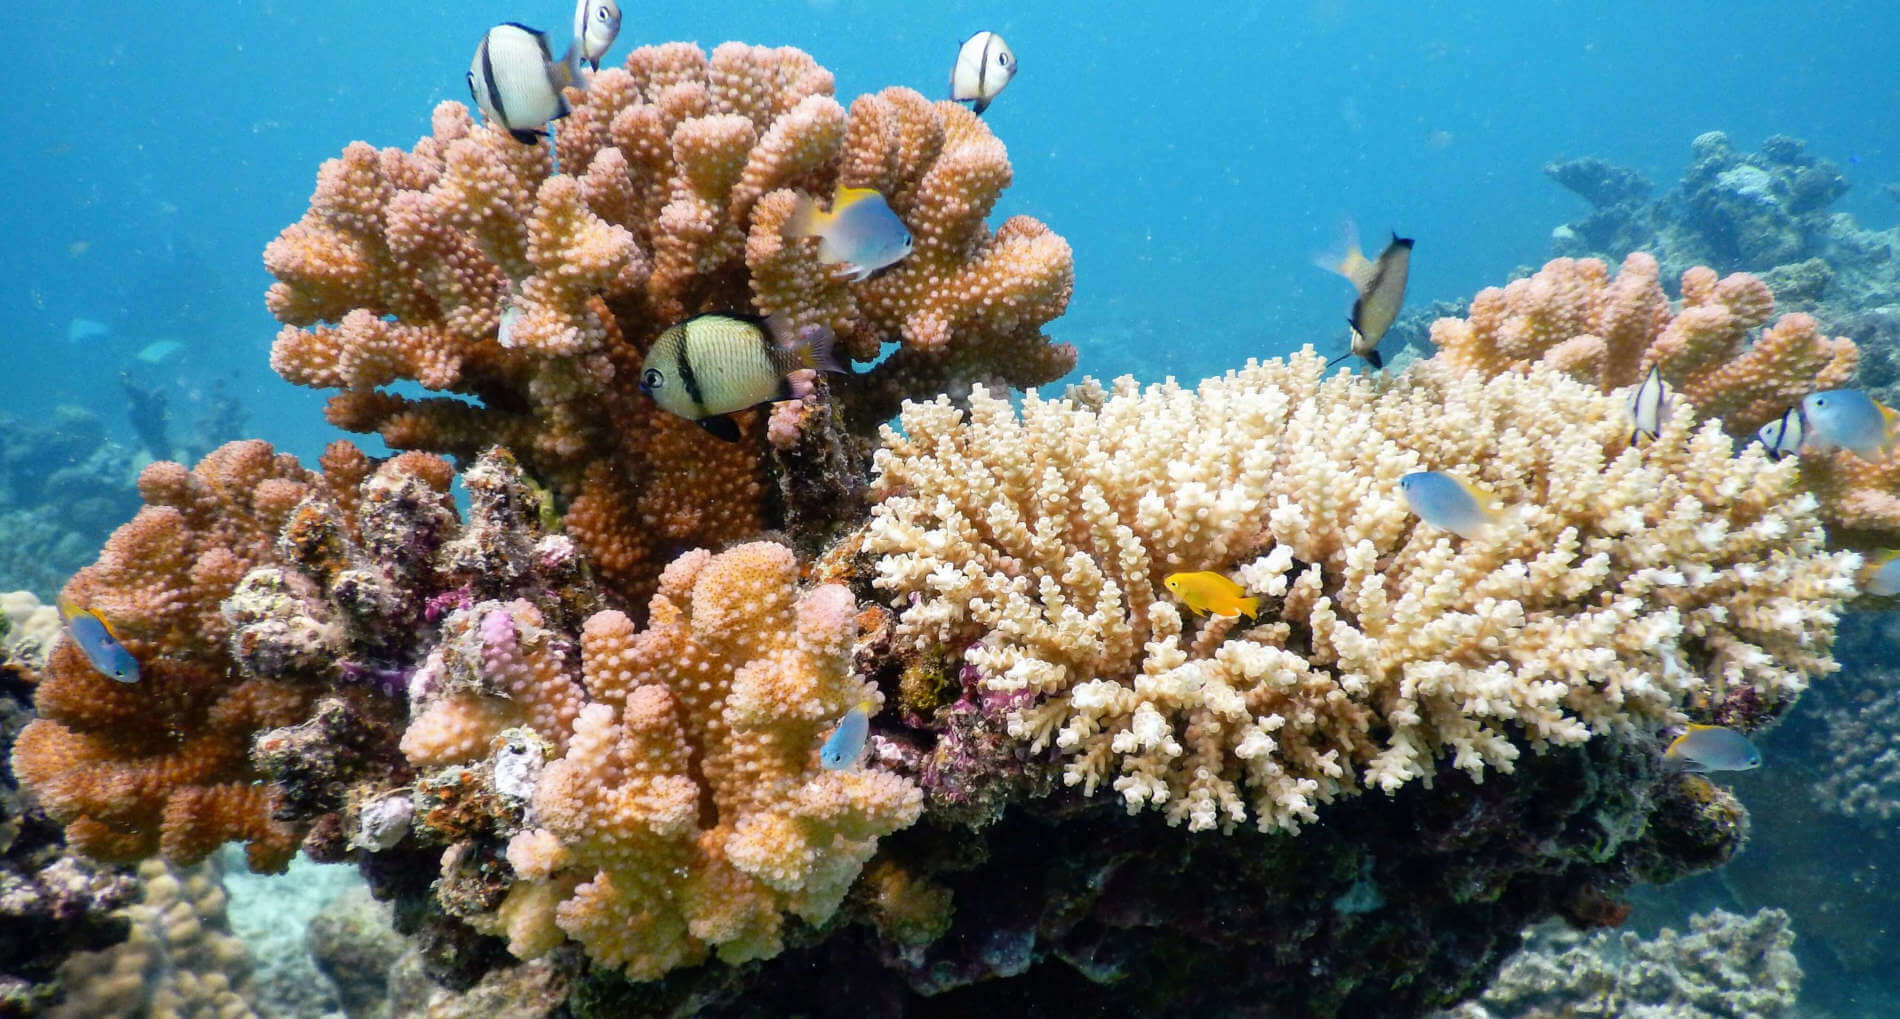 Die Korallen der Unterwasserwelt von Okinawa